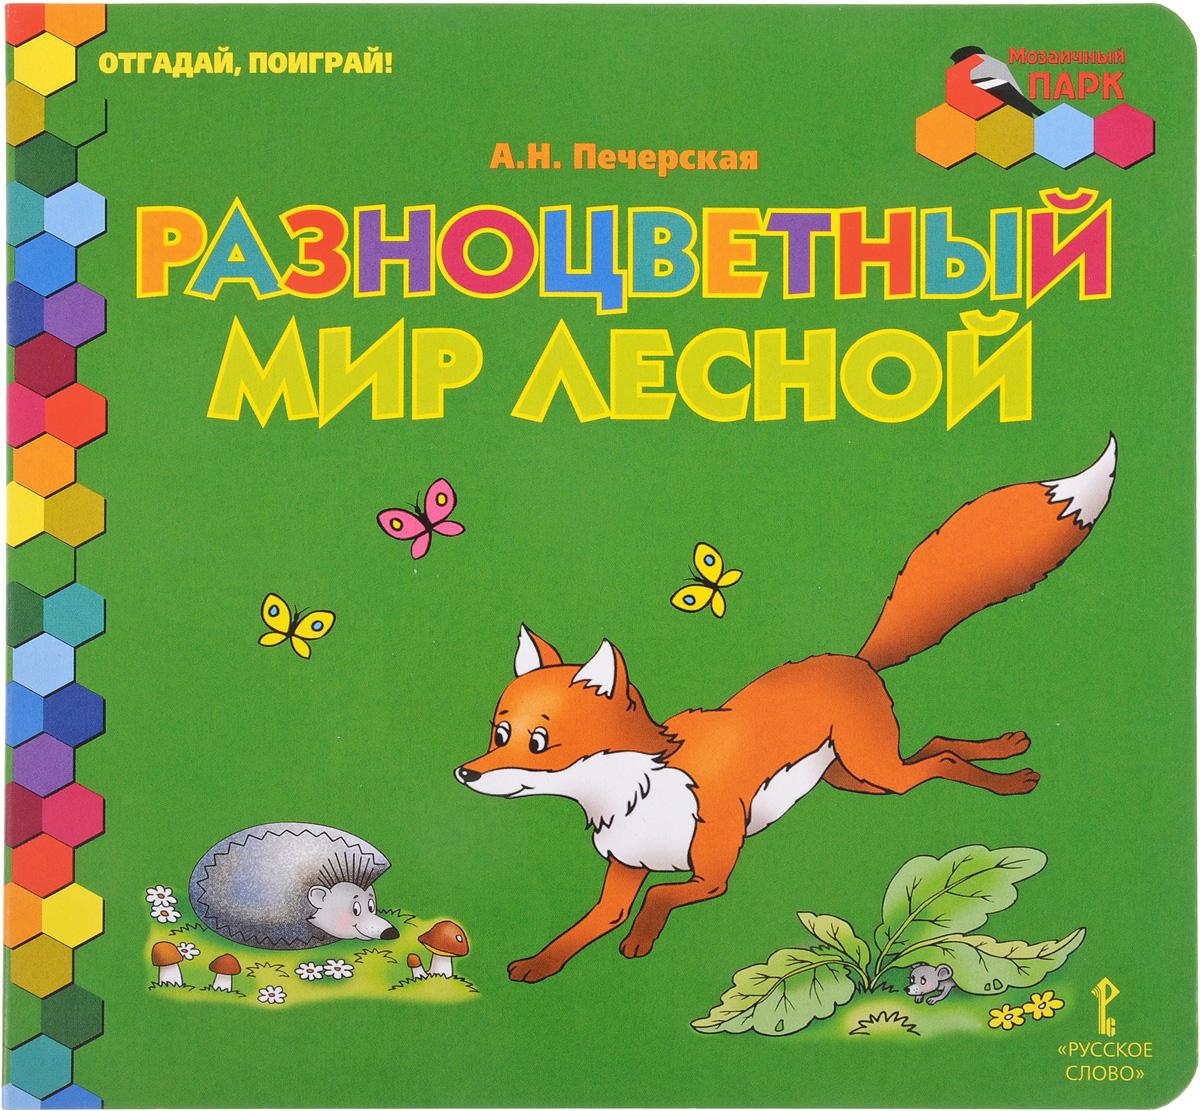 А. Н. Печерская Отгадай, поиграй! Разноцветный мир лесной